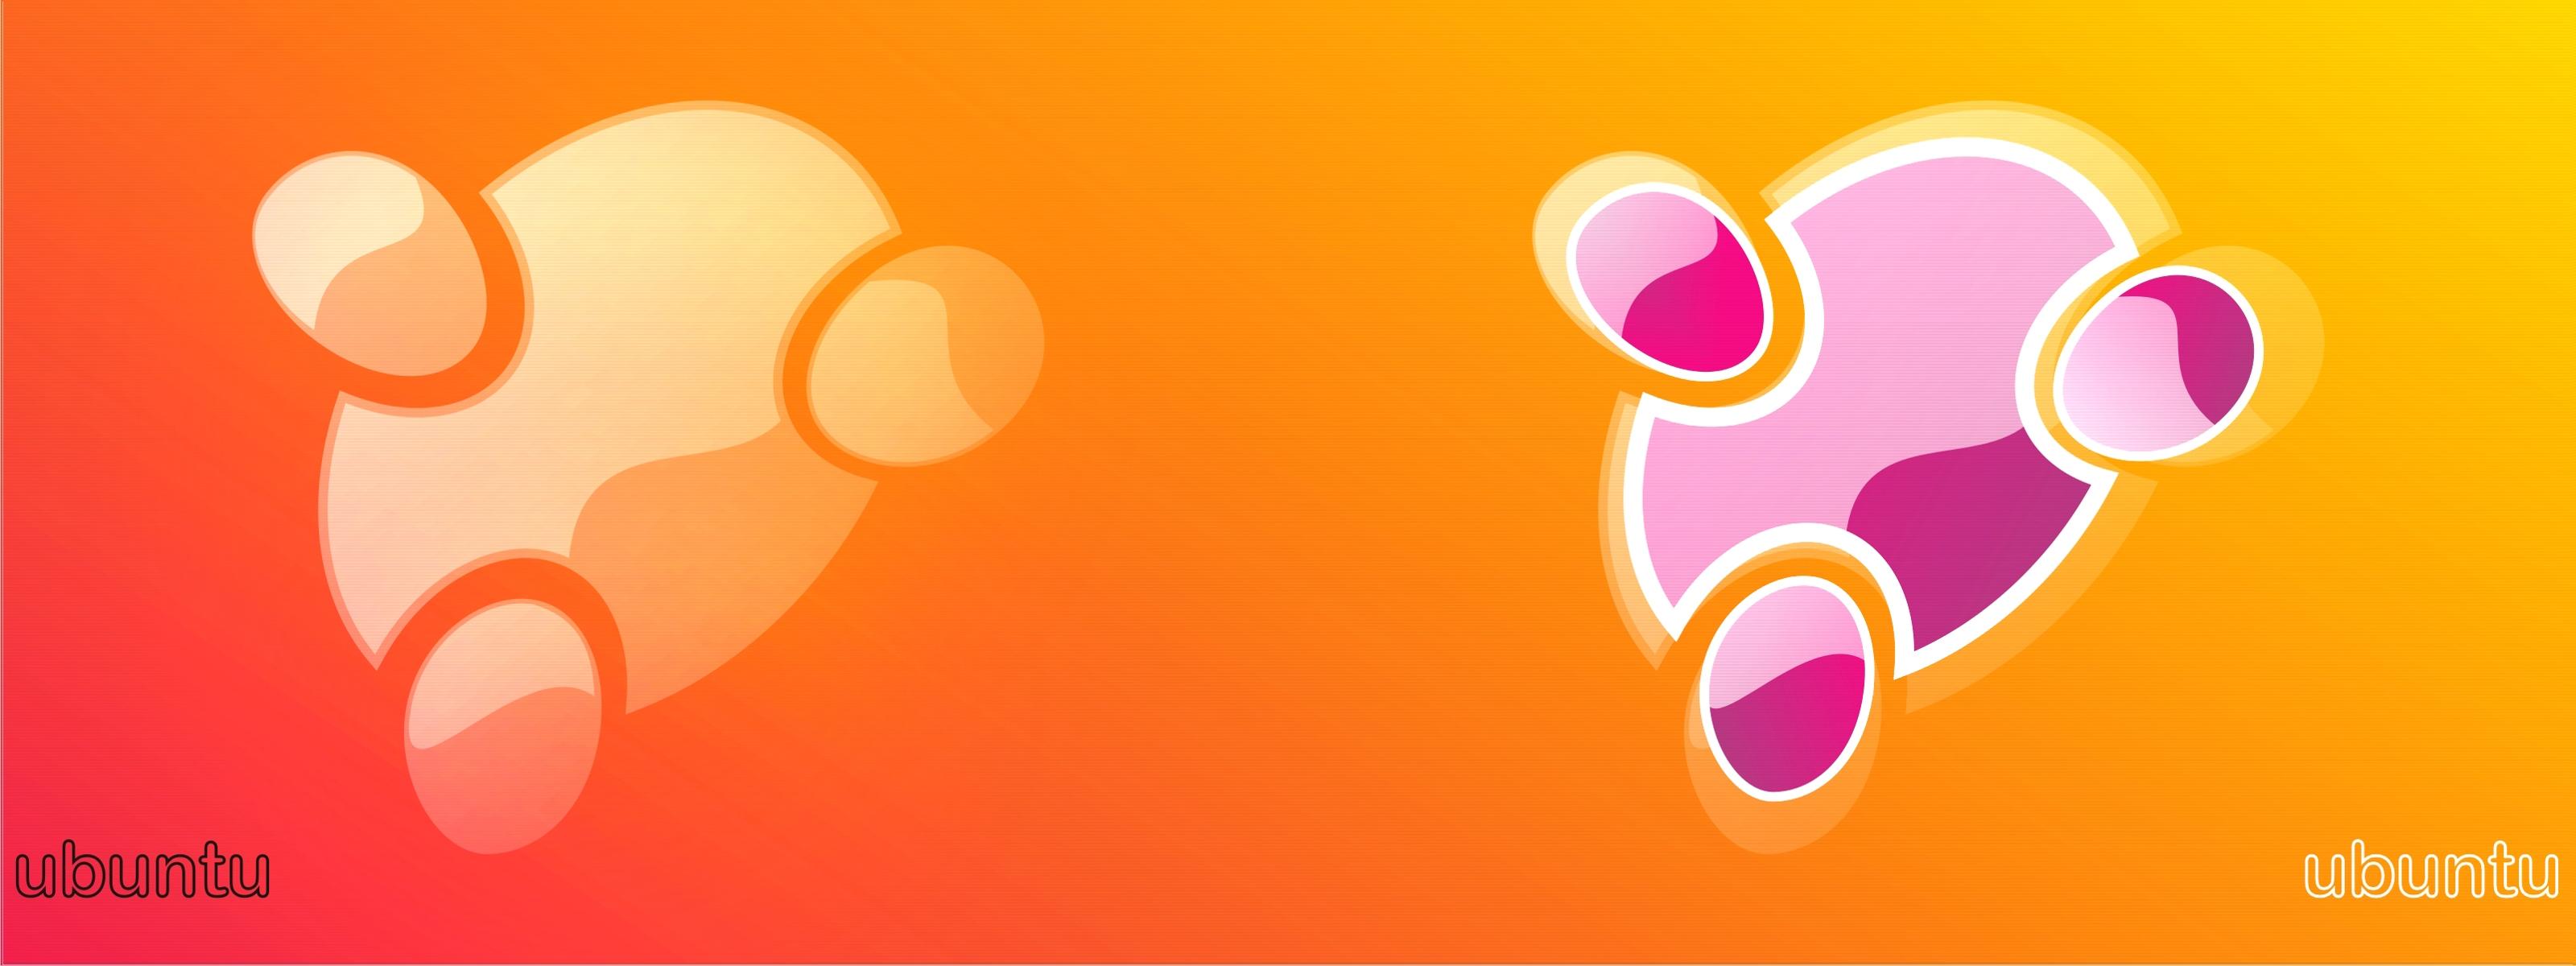 ubuntu 3200 x 1200 by Chico47